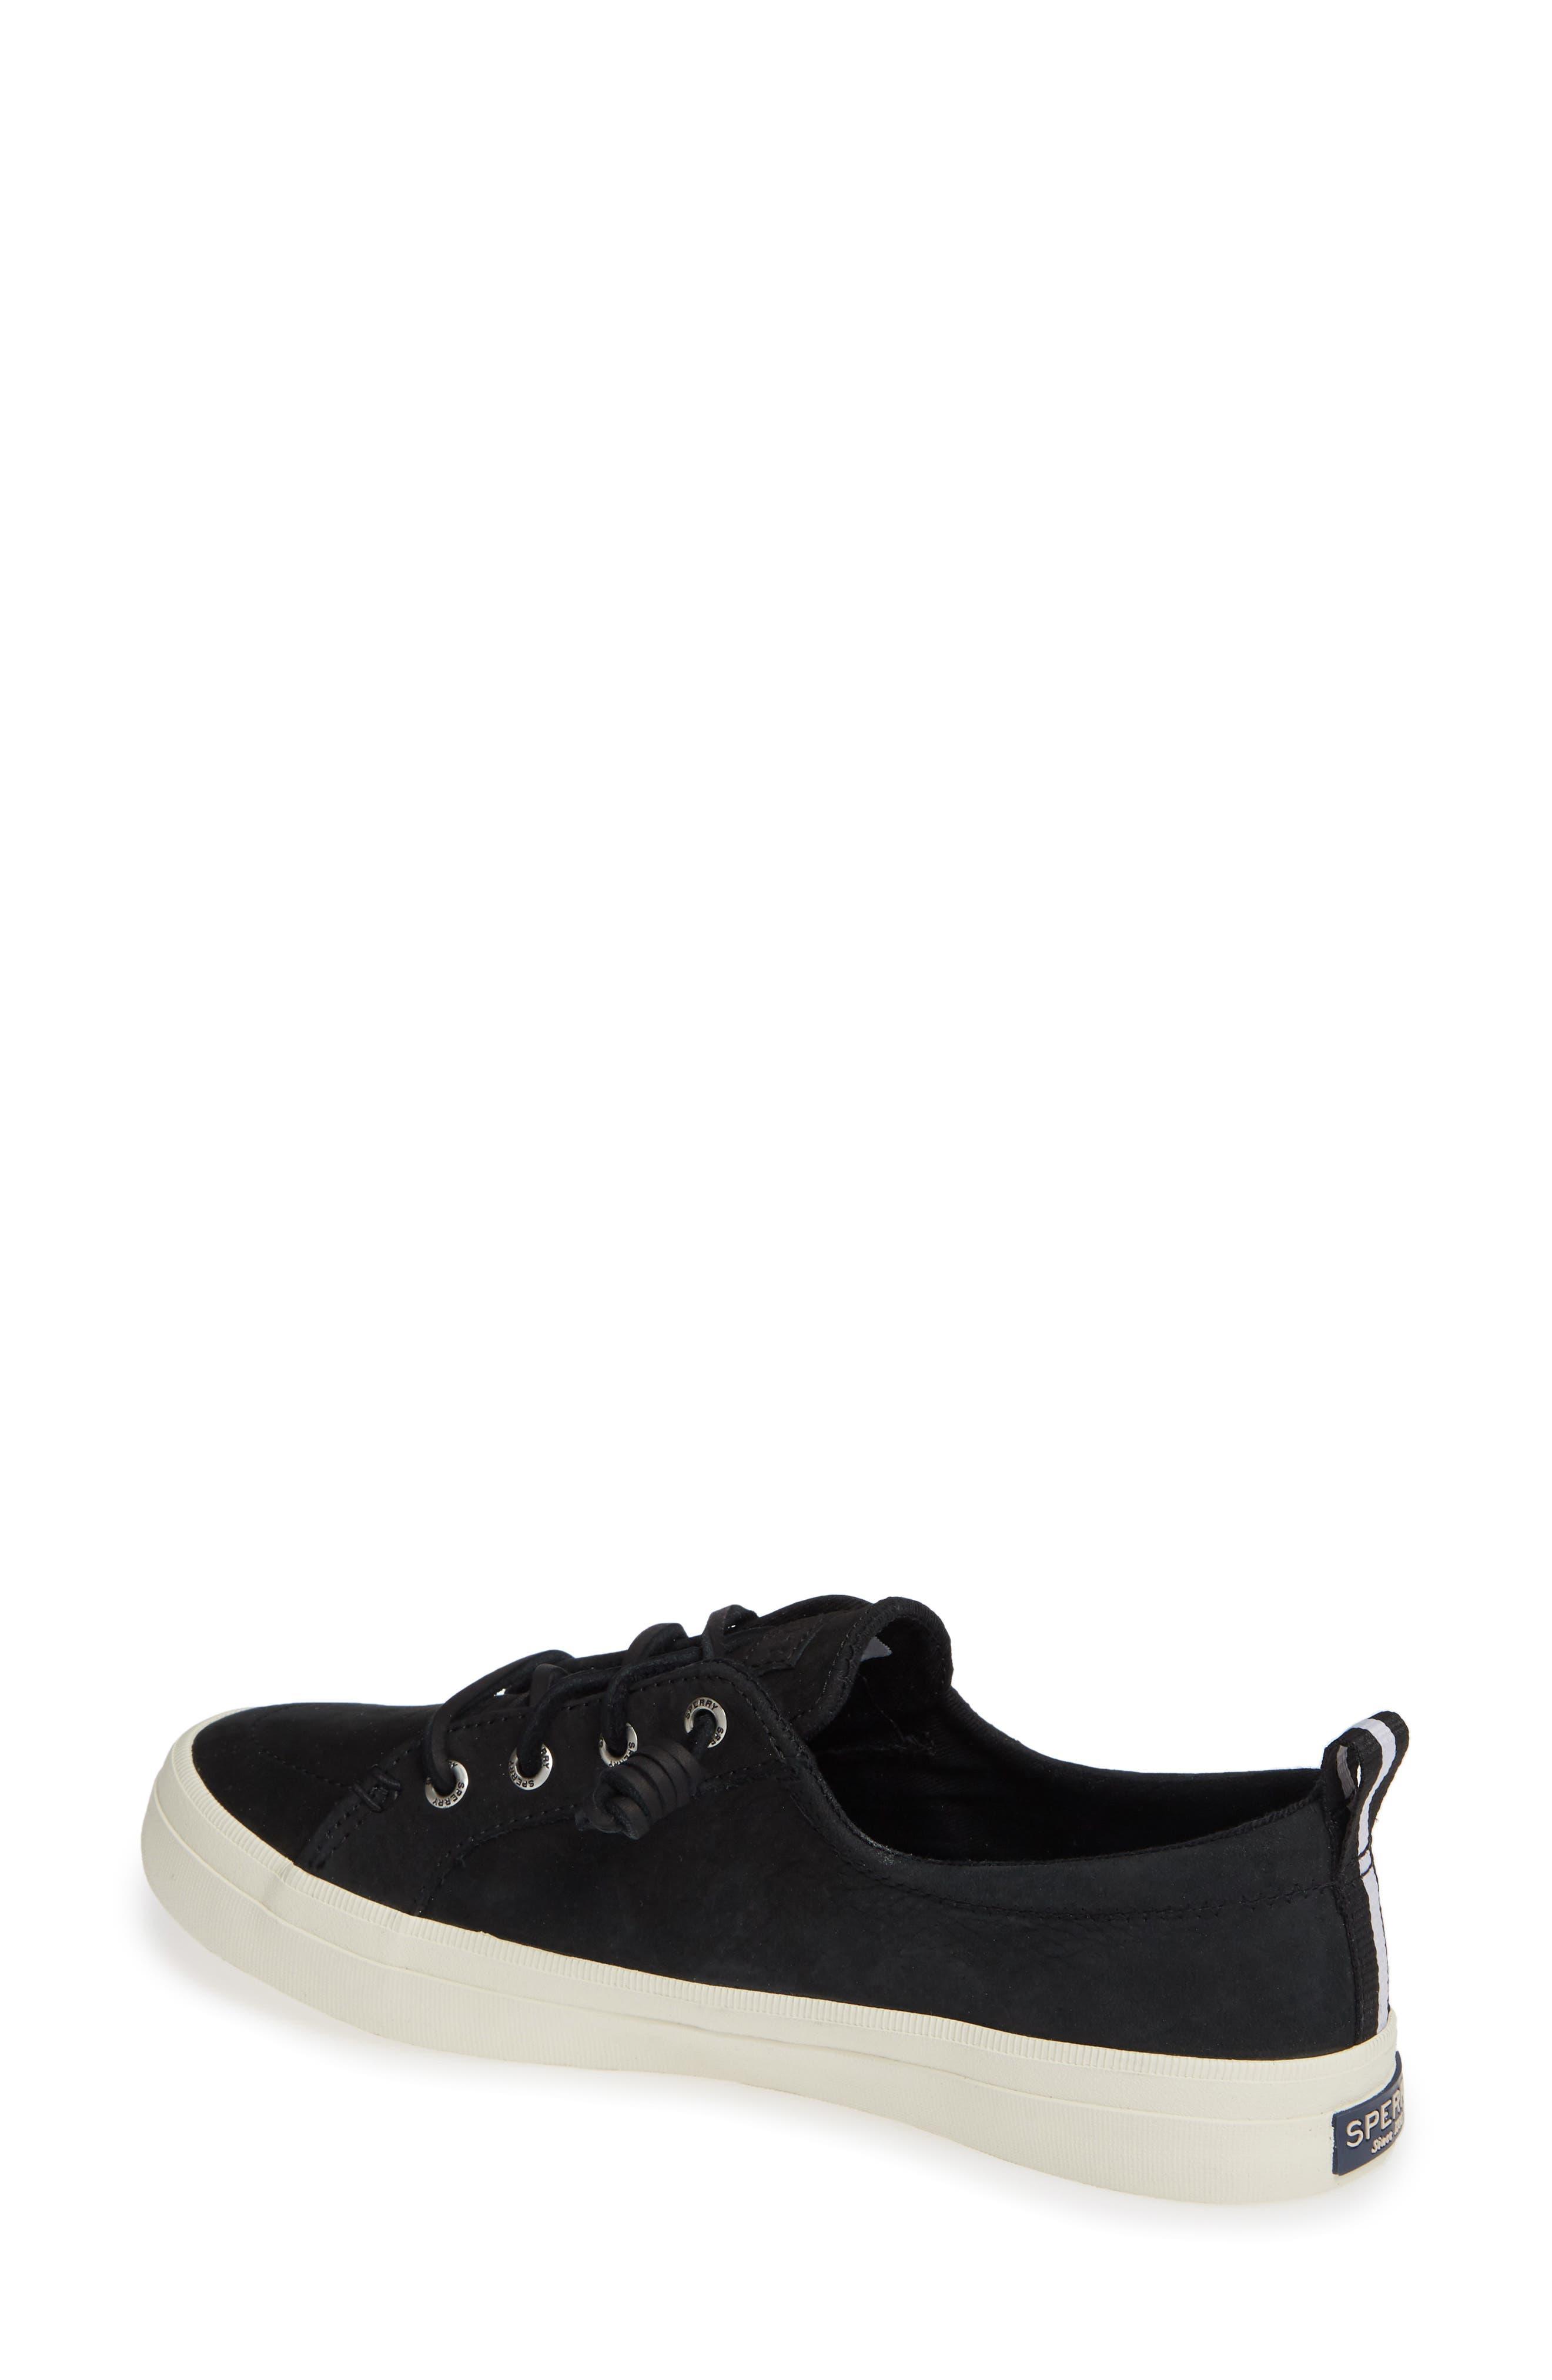 SPERRY,                             Crest Vibe Sneaker,                             Alternate thumbnail 2, color,                             001